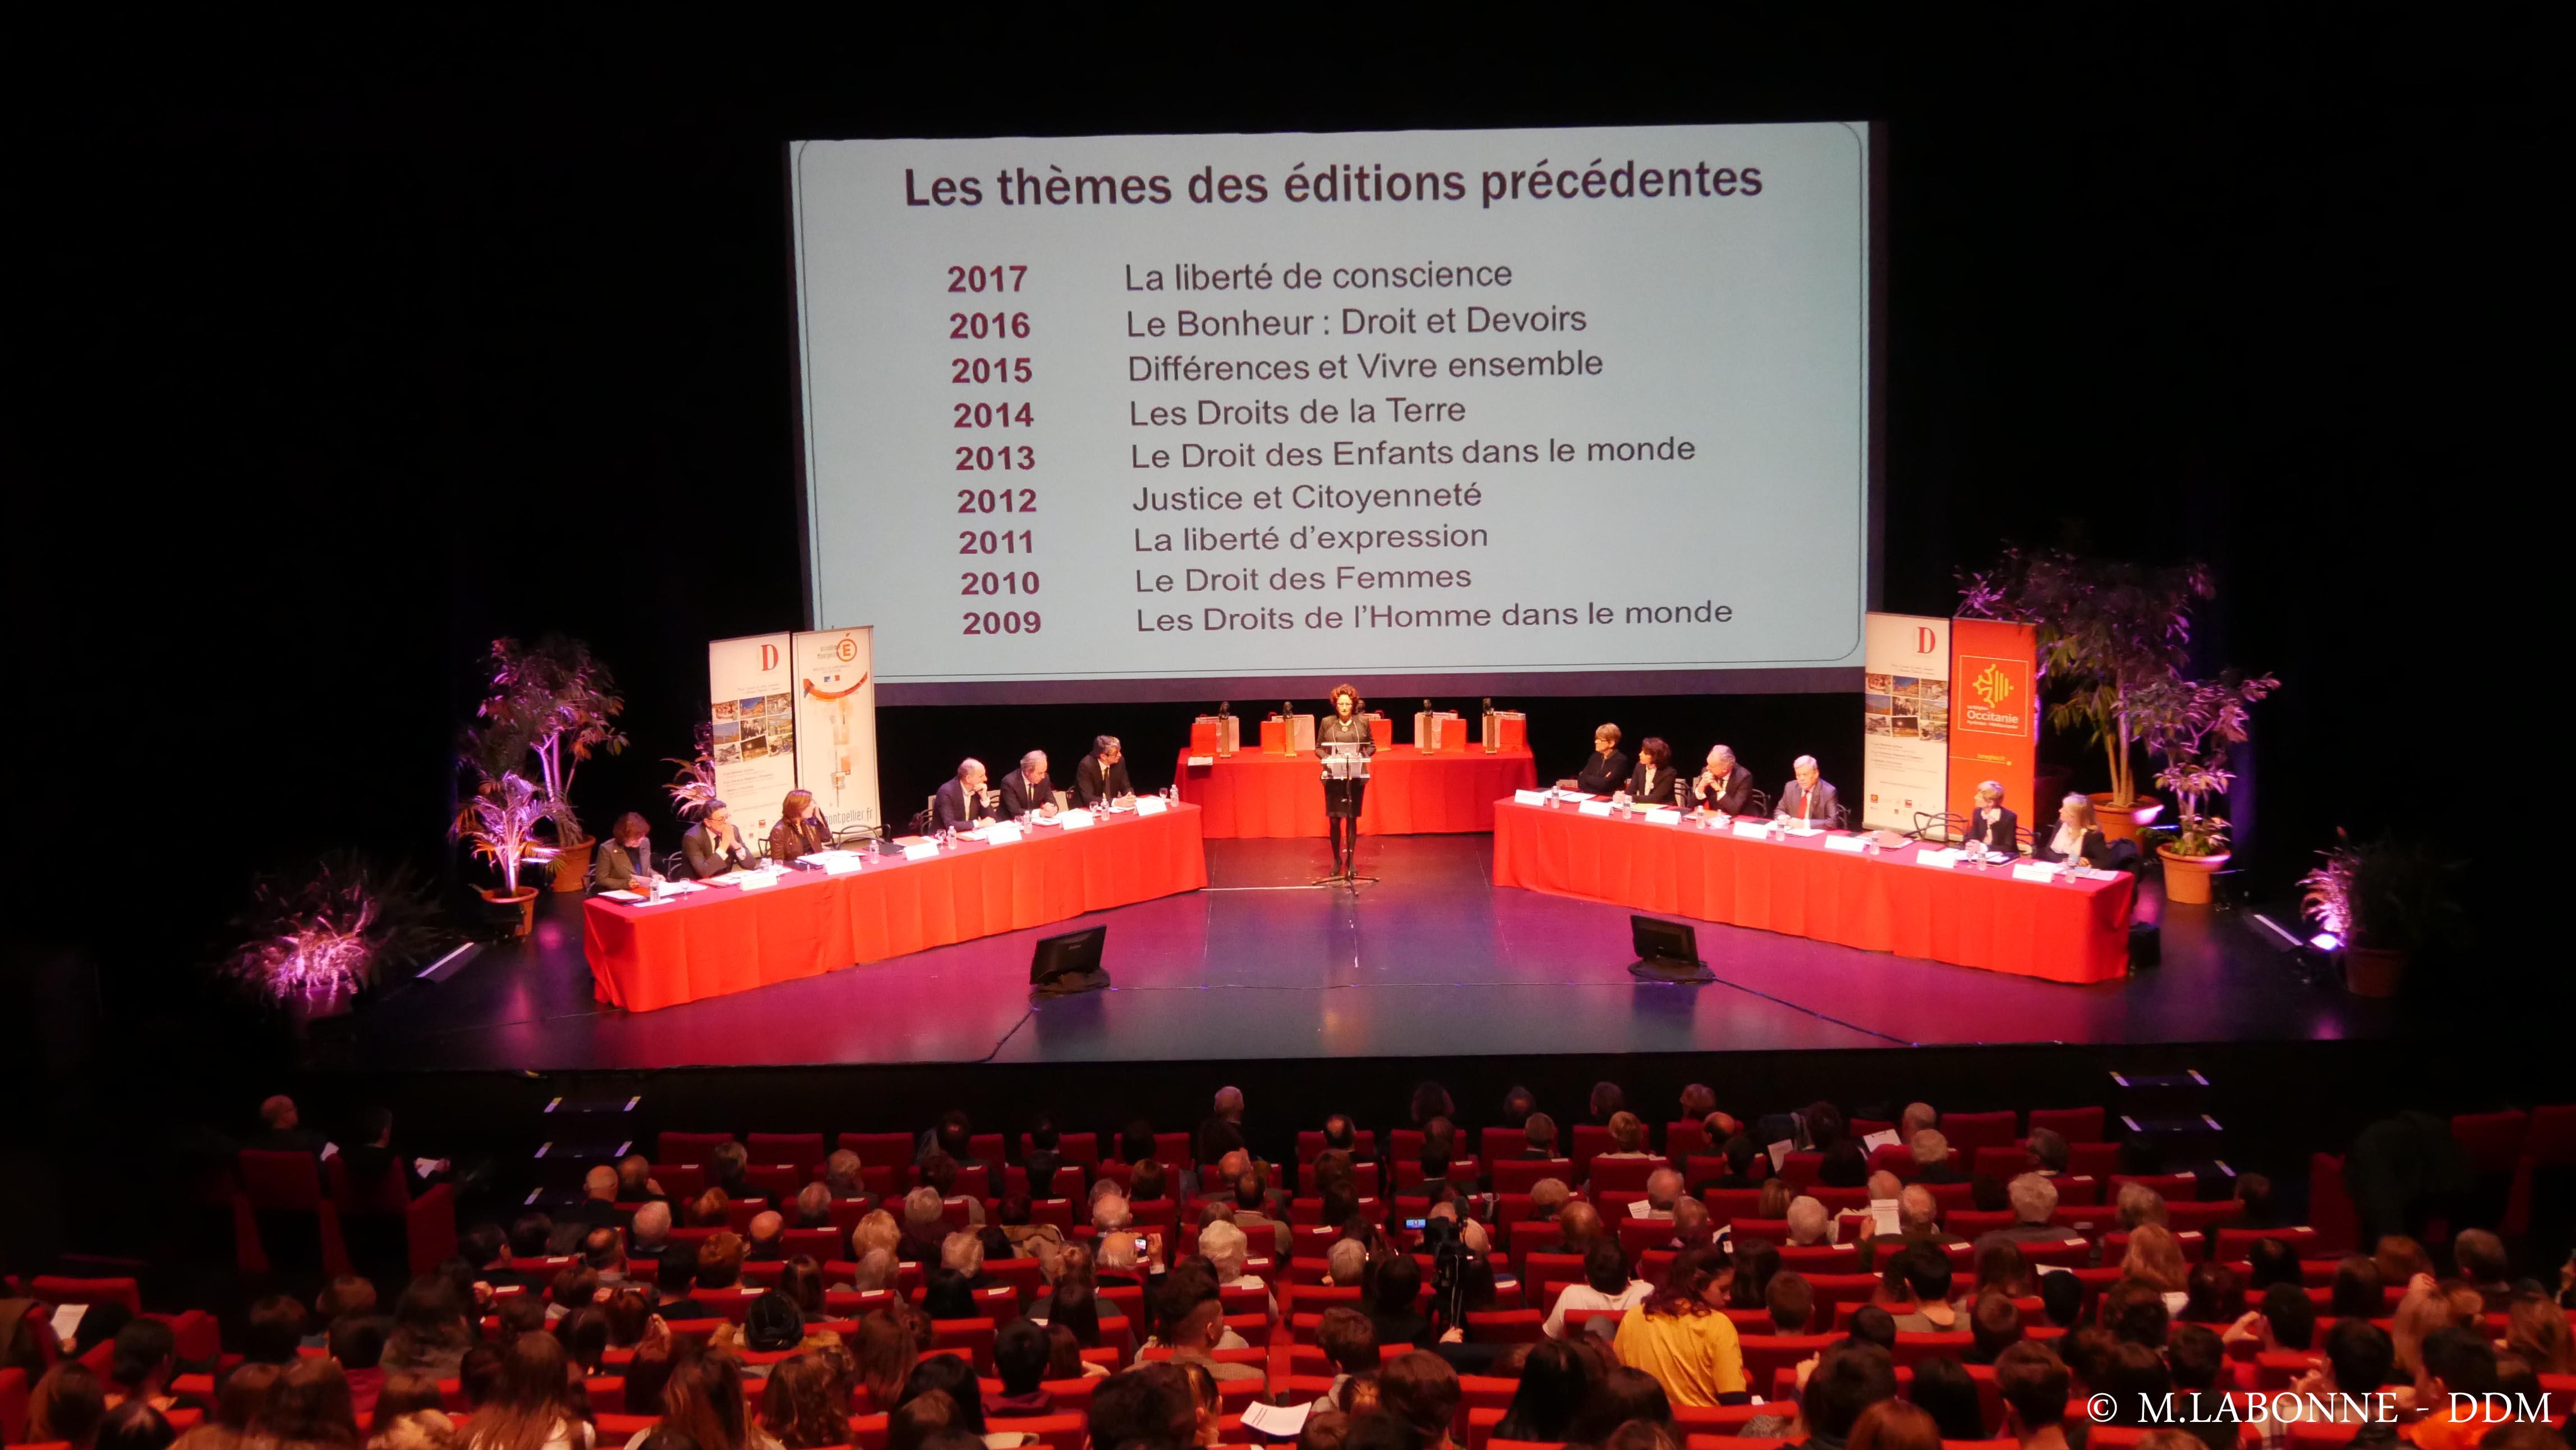 DDM-MICHEL LABONNE- EDITION 2018 DU CONCOURS REGIONAL D'ELOQUENCE SUR LE THEME  -LA REPUBLIQUE  AU GRAND THEATRE DES CORDELIERS A ALBI